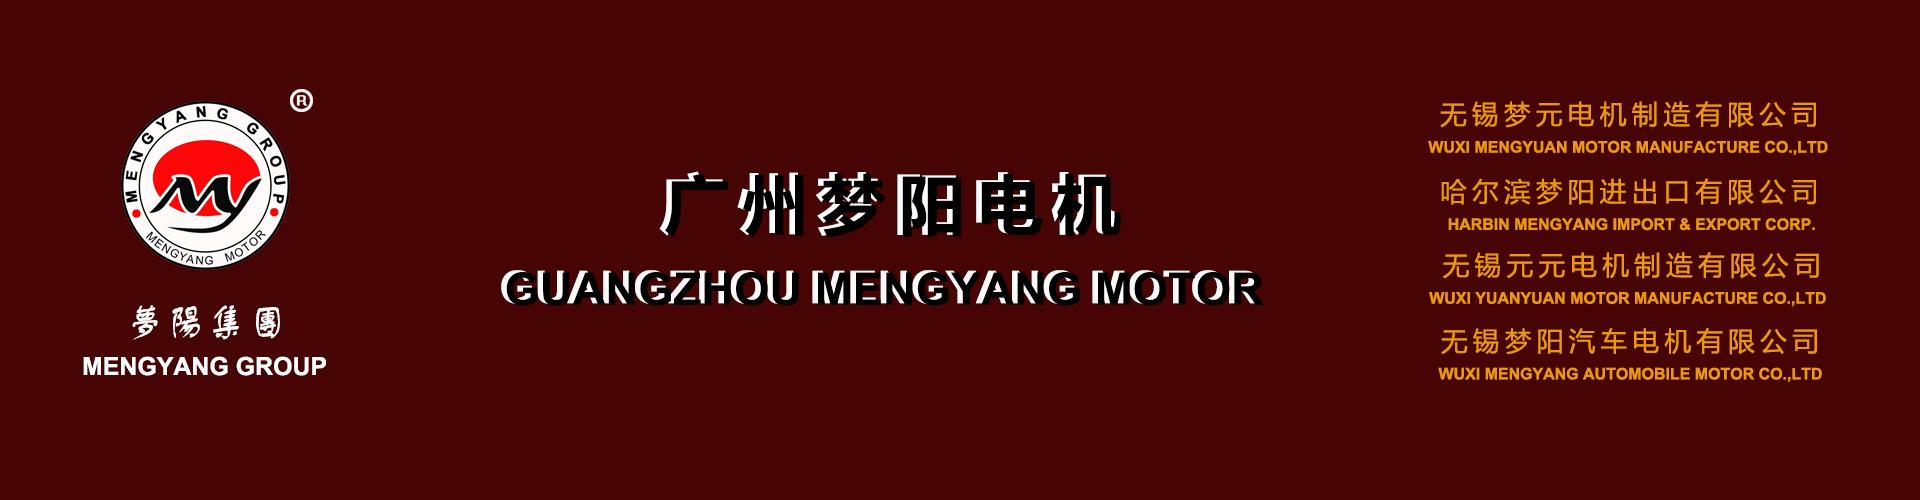 广州梦阳电机_广州汽车起动机厂家_广州汽车发电机厂家_液压油泵电机厂家-广州梦阳电机公司